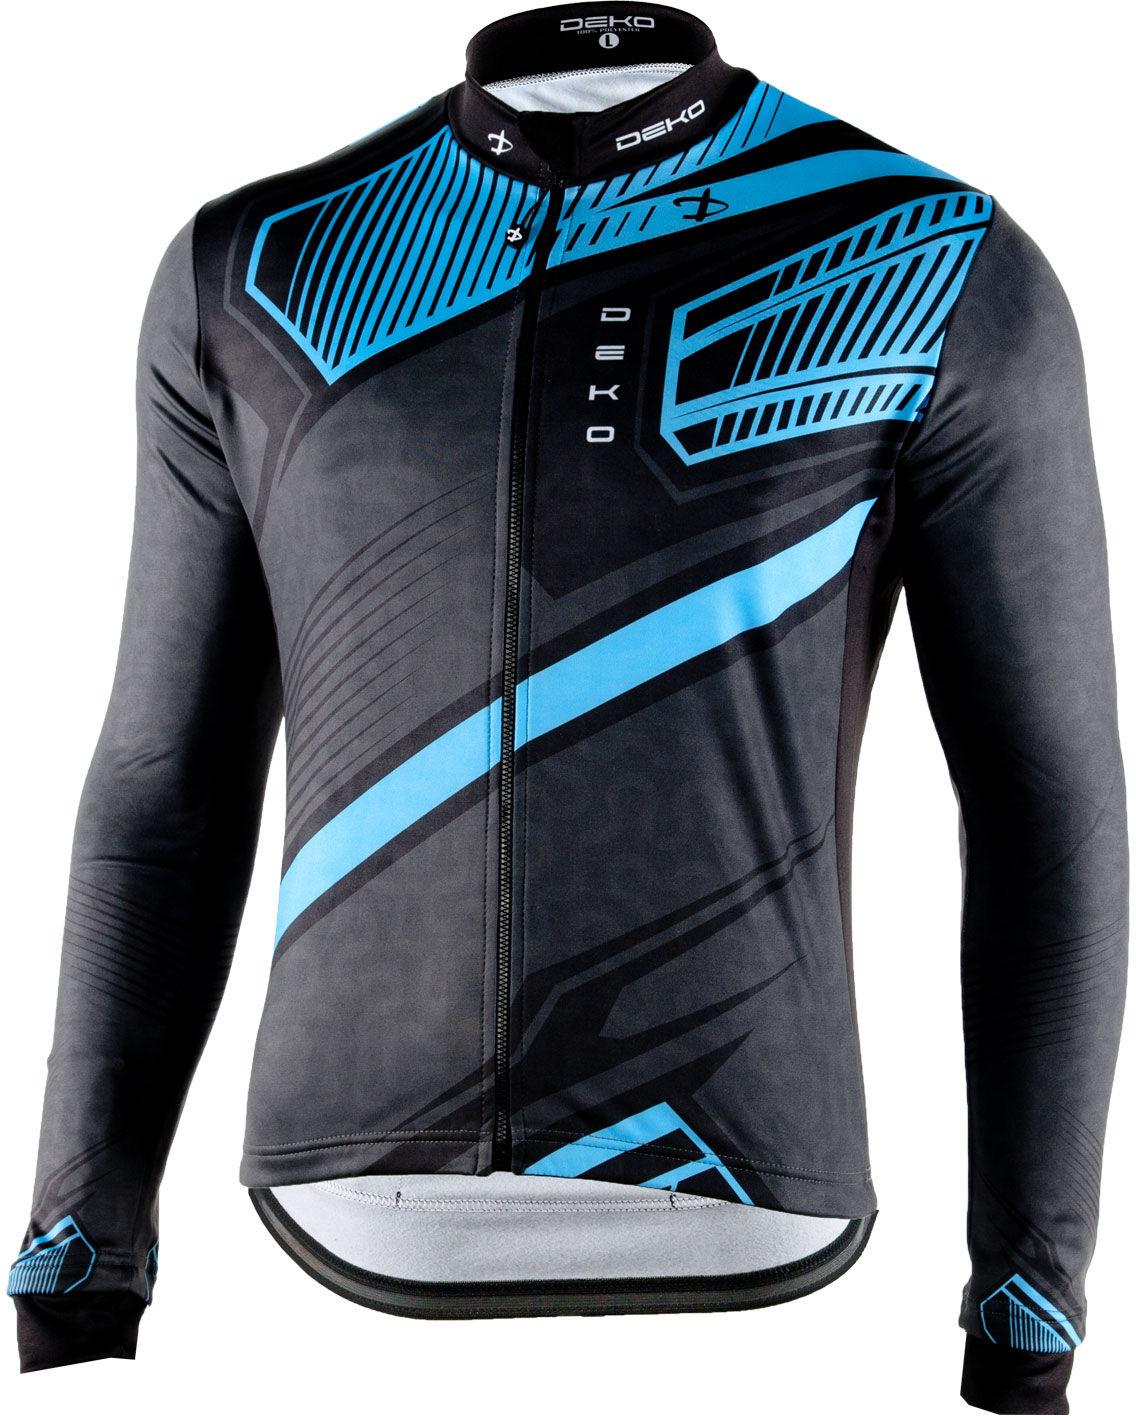 DEKO MNK-001-09 męska bluza rowerowa długi rękaw, niebieski Rozmiar: L,DEKO_style9_bluza_BLUE